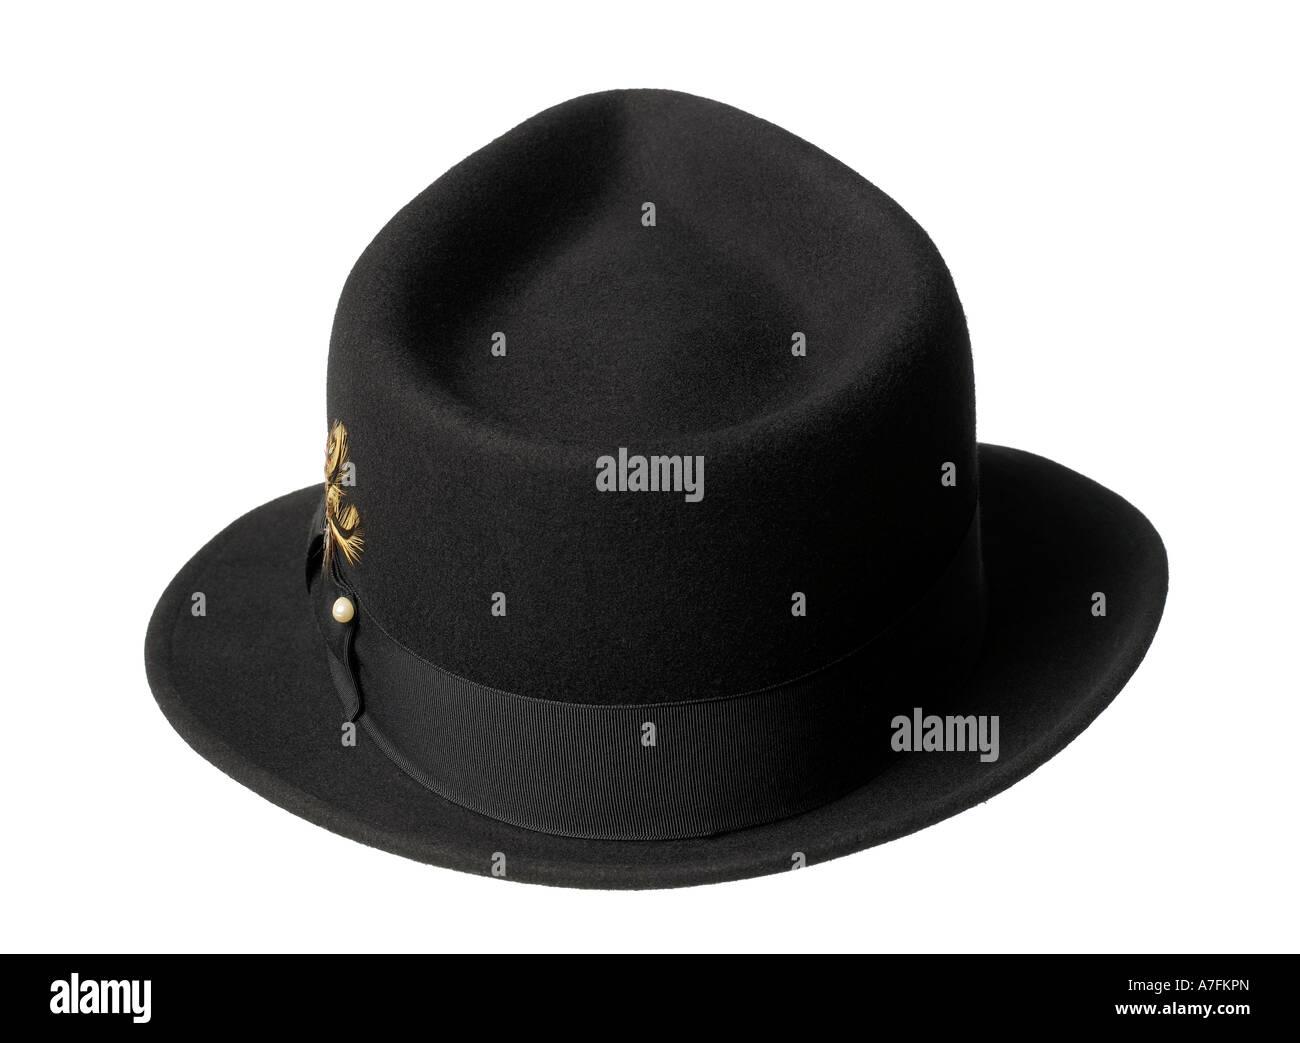 Sombrero de fieltro negro de hombres accesorio Fedora Imagen De Stock b3f6e5c12ba